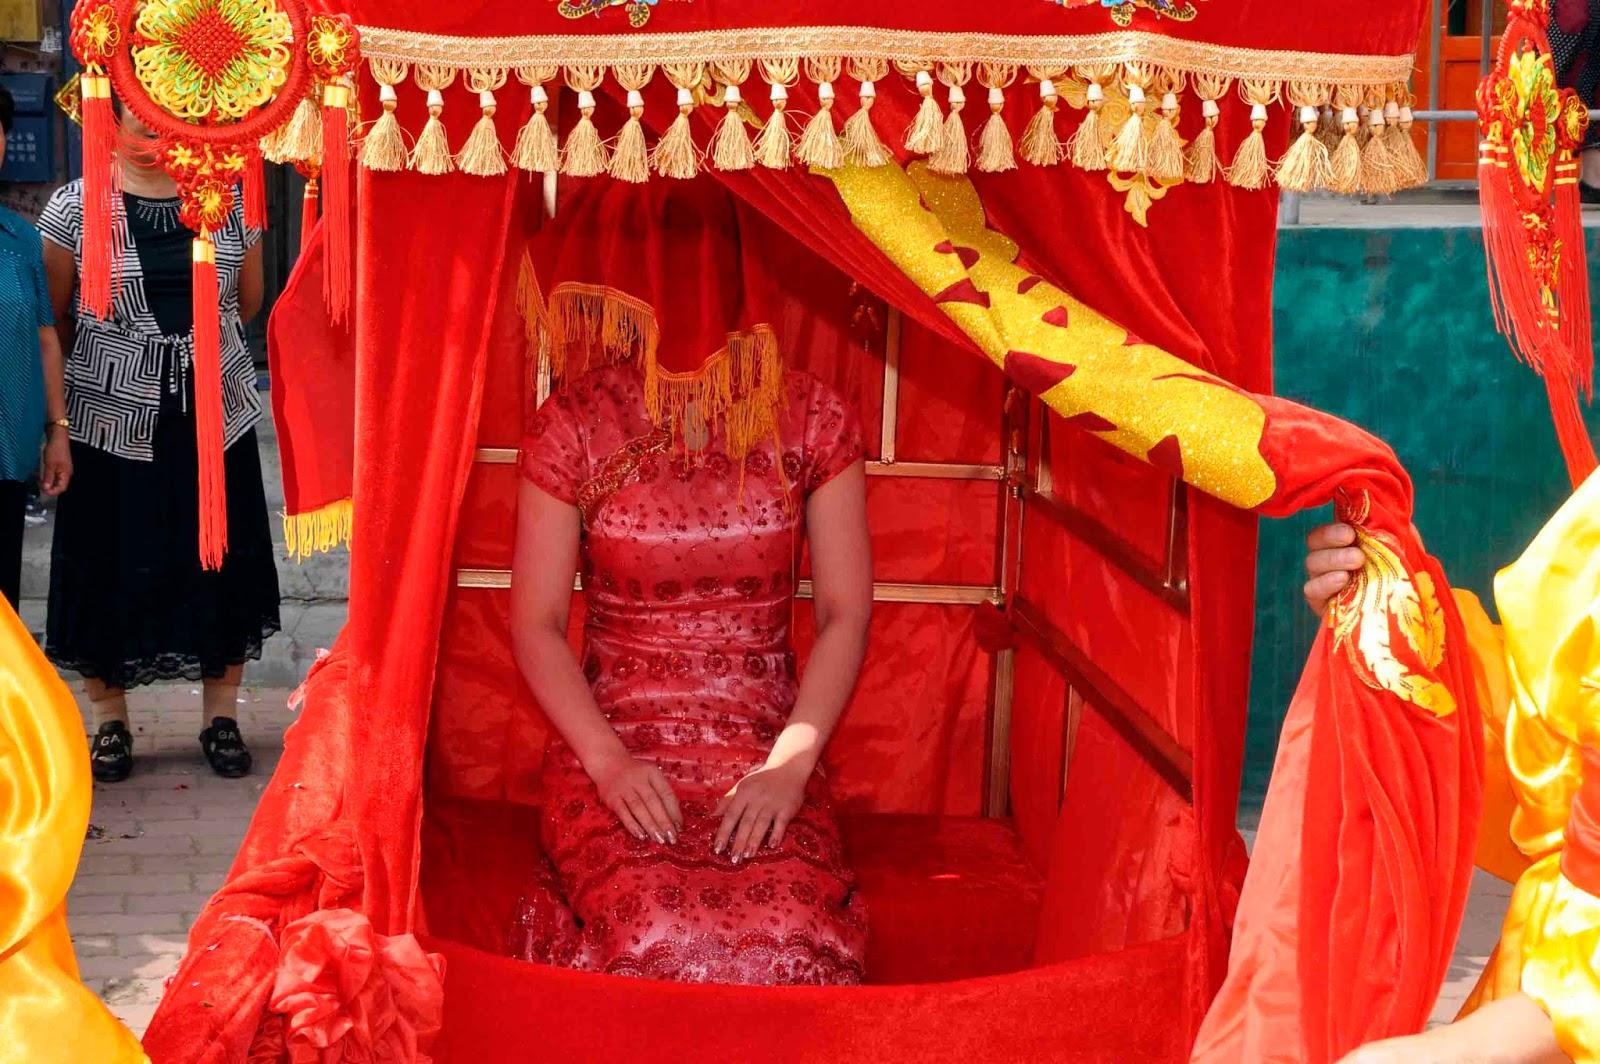 Noiva chinesa preparada para o grande momento em sua liteira: ilustra a seção a respeito dos textos das linhas de ''Heng / Duração'', um dos 64 hexagramas do I Ching, o Livro das Mutações